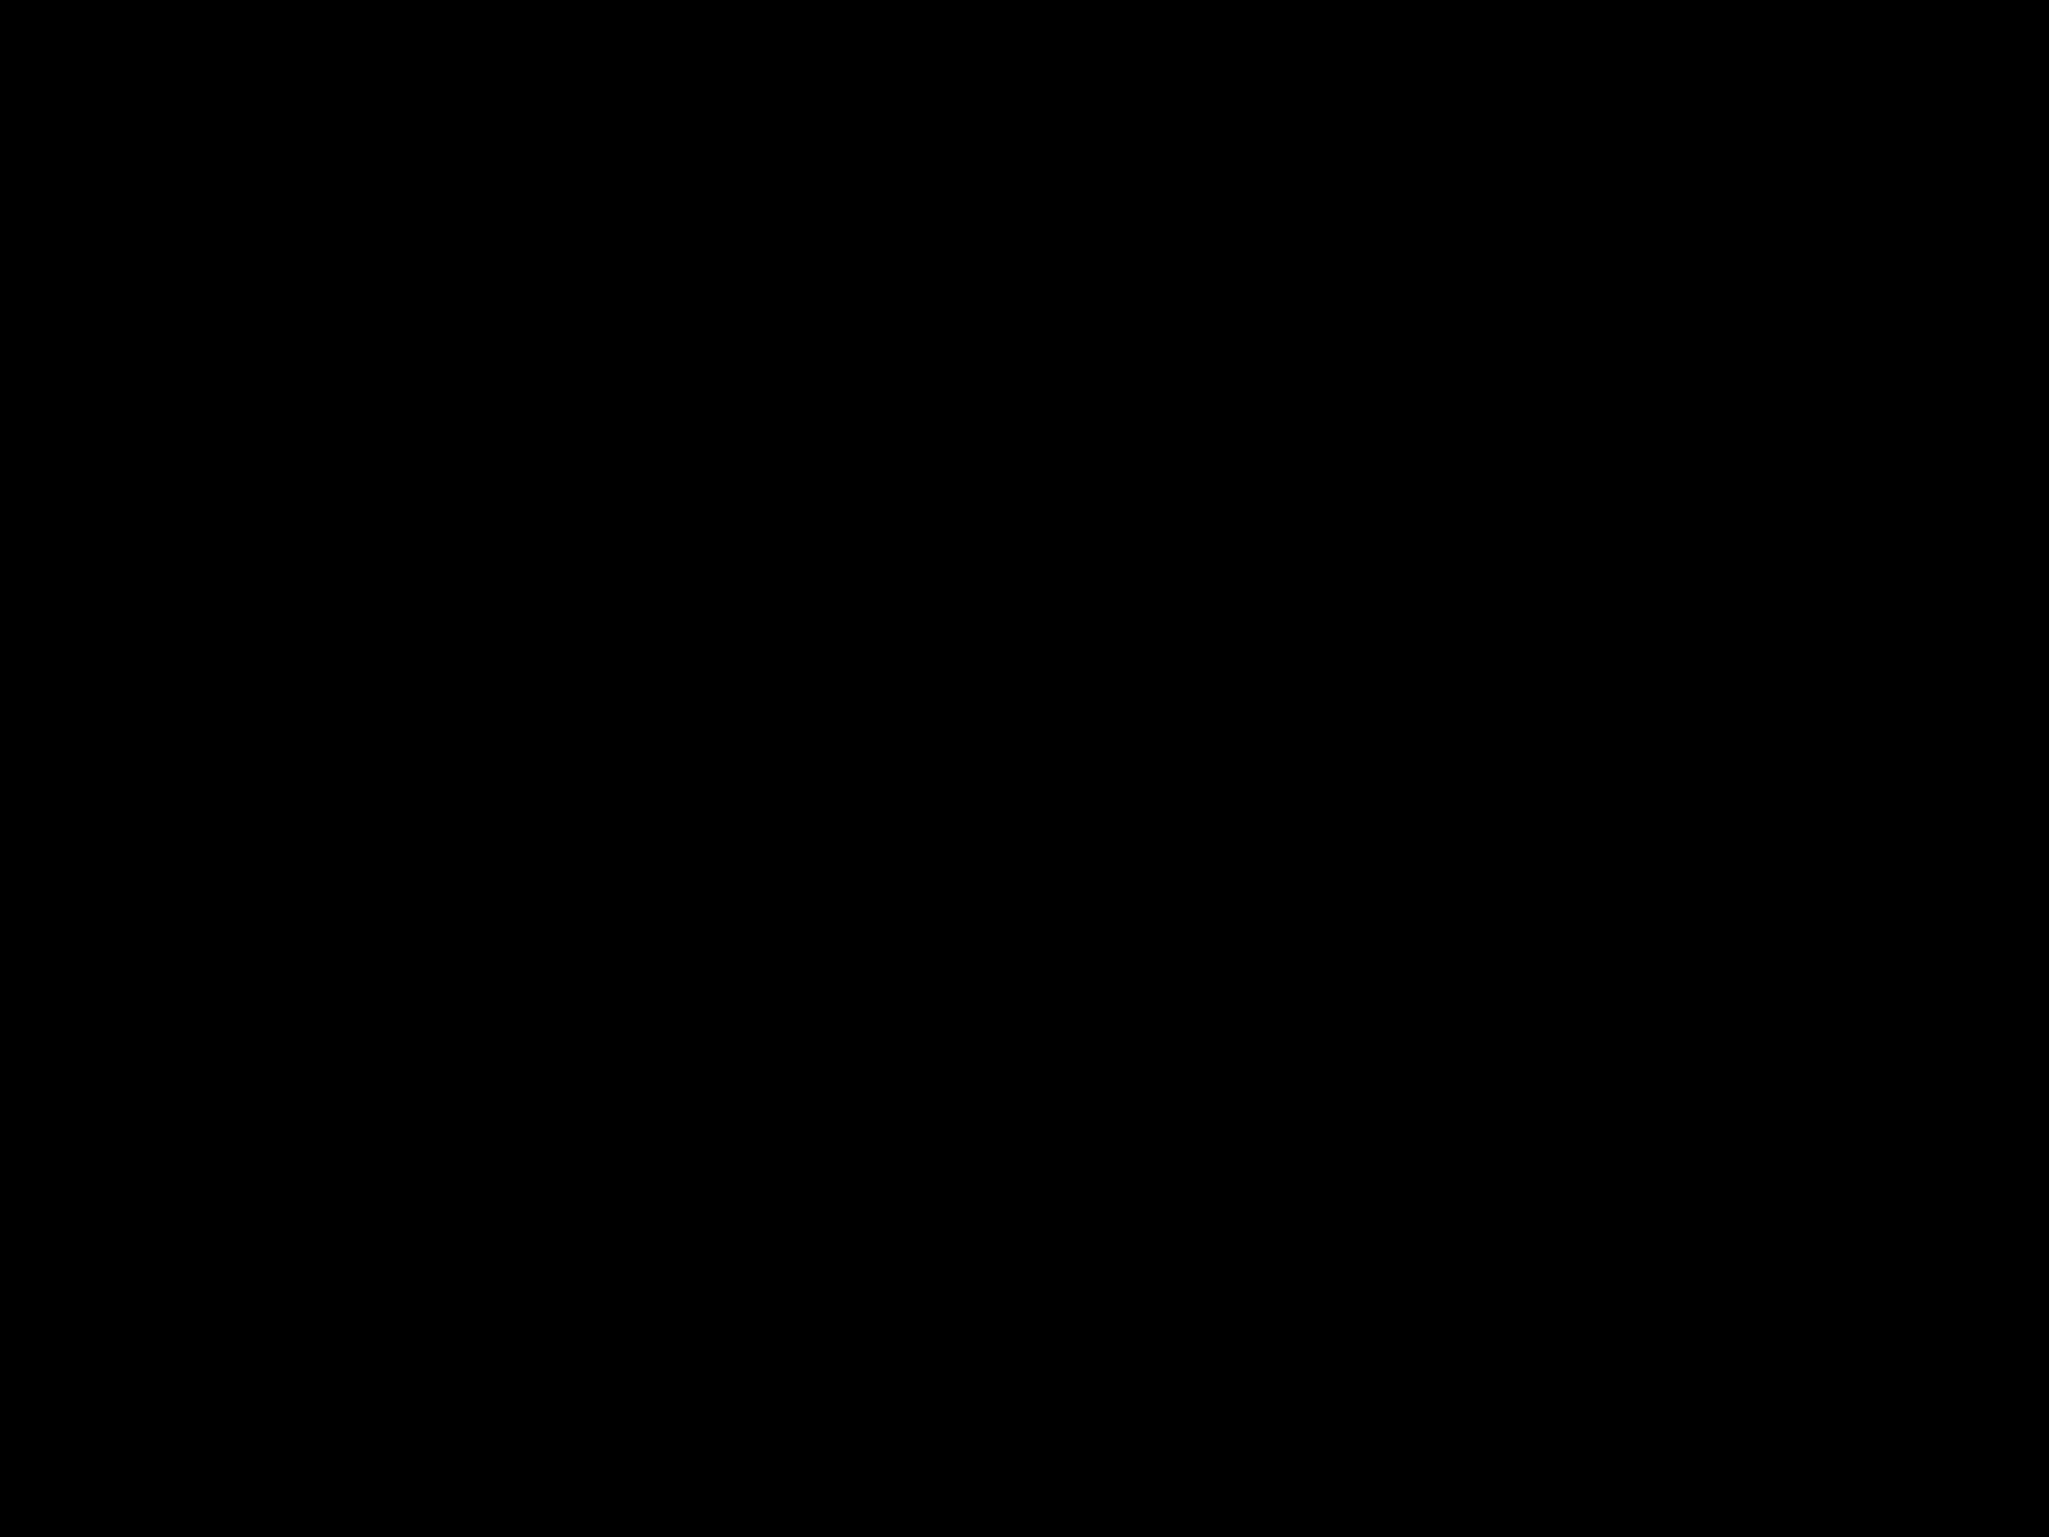 _녲뀸_뚡뀰 _묃뀳__꼦__IMG_0281